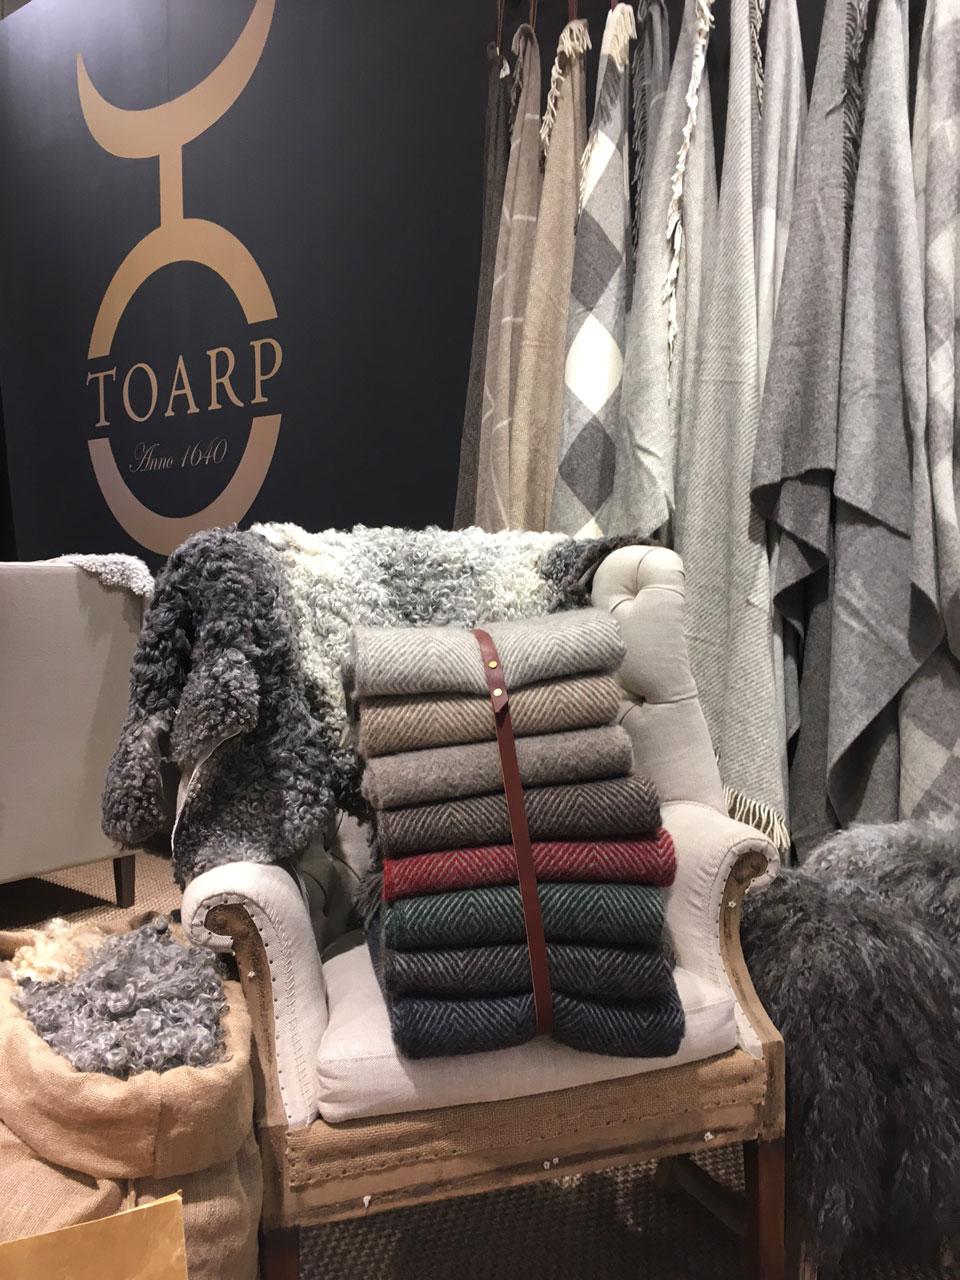 toarp single